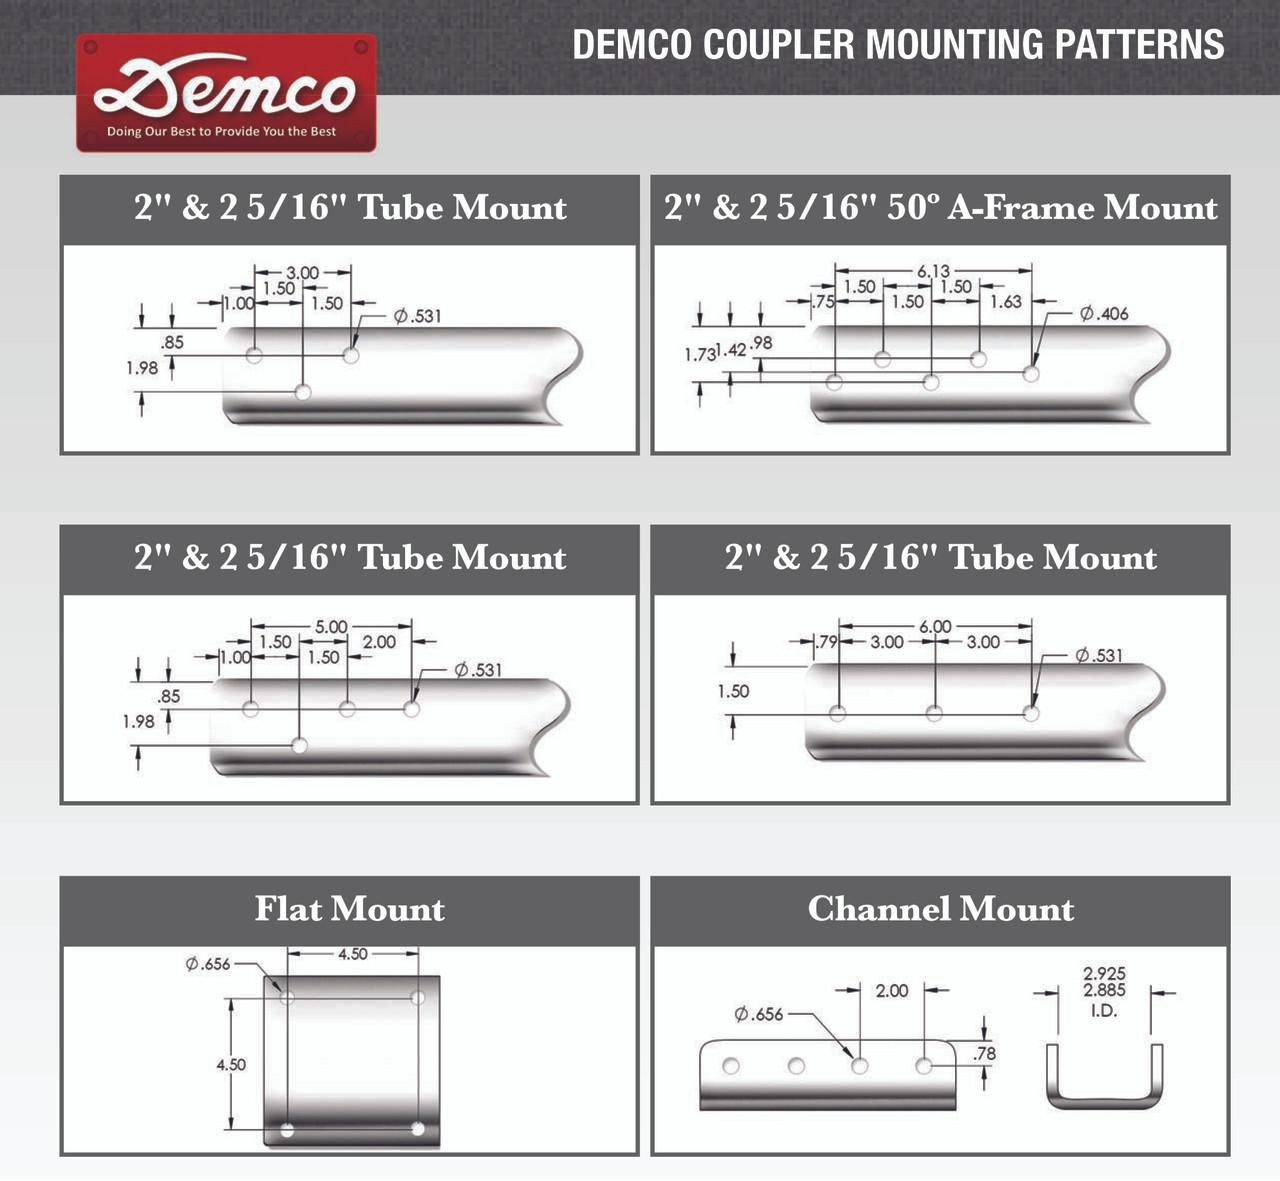 """12141-97 --- Demco Plate-Mount 2-5/16"""" Coupler - 21,000 lb Capacity - Primed"""